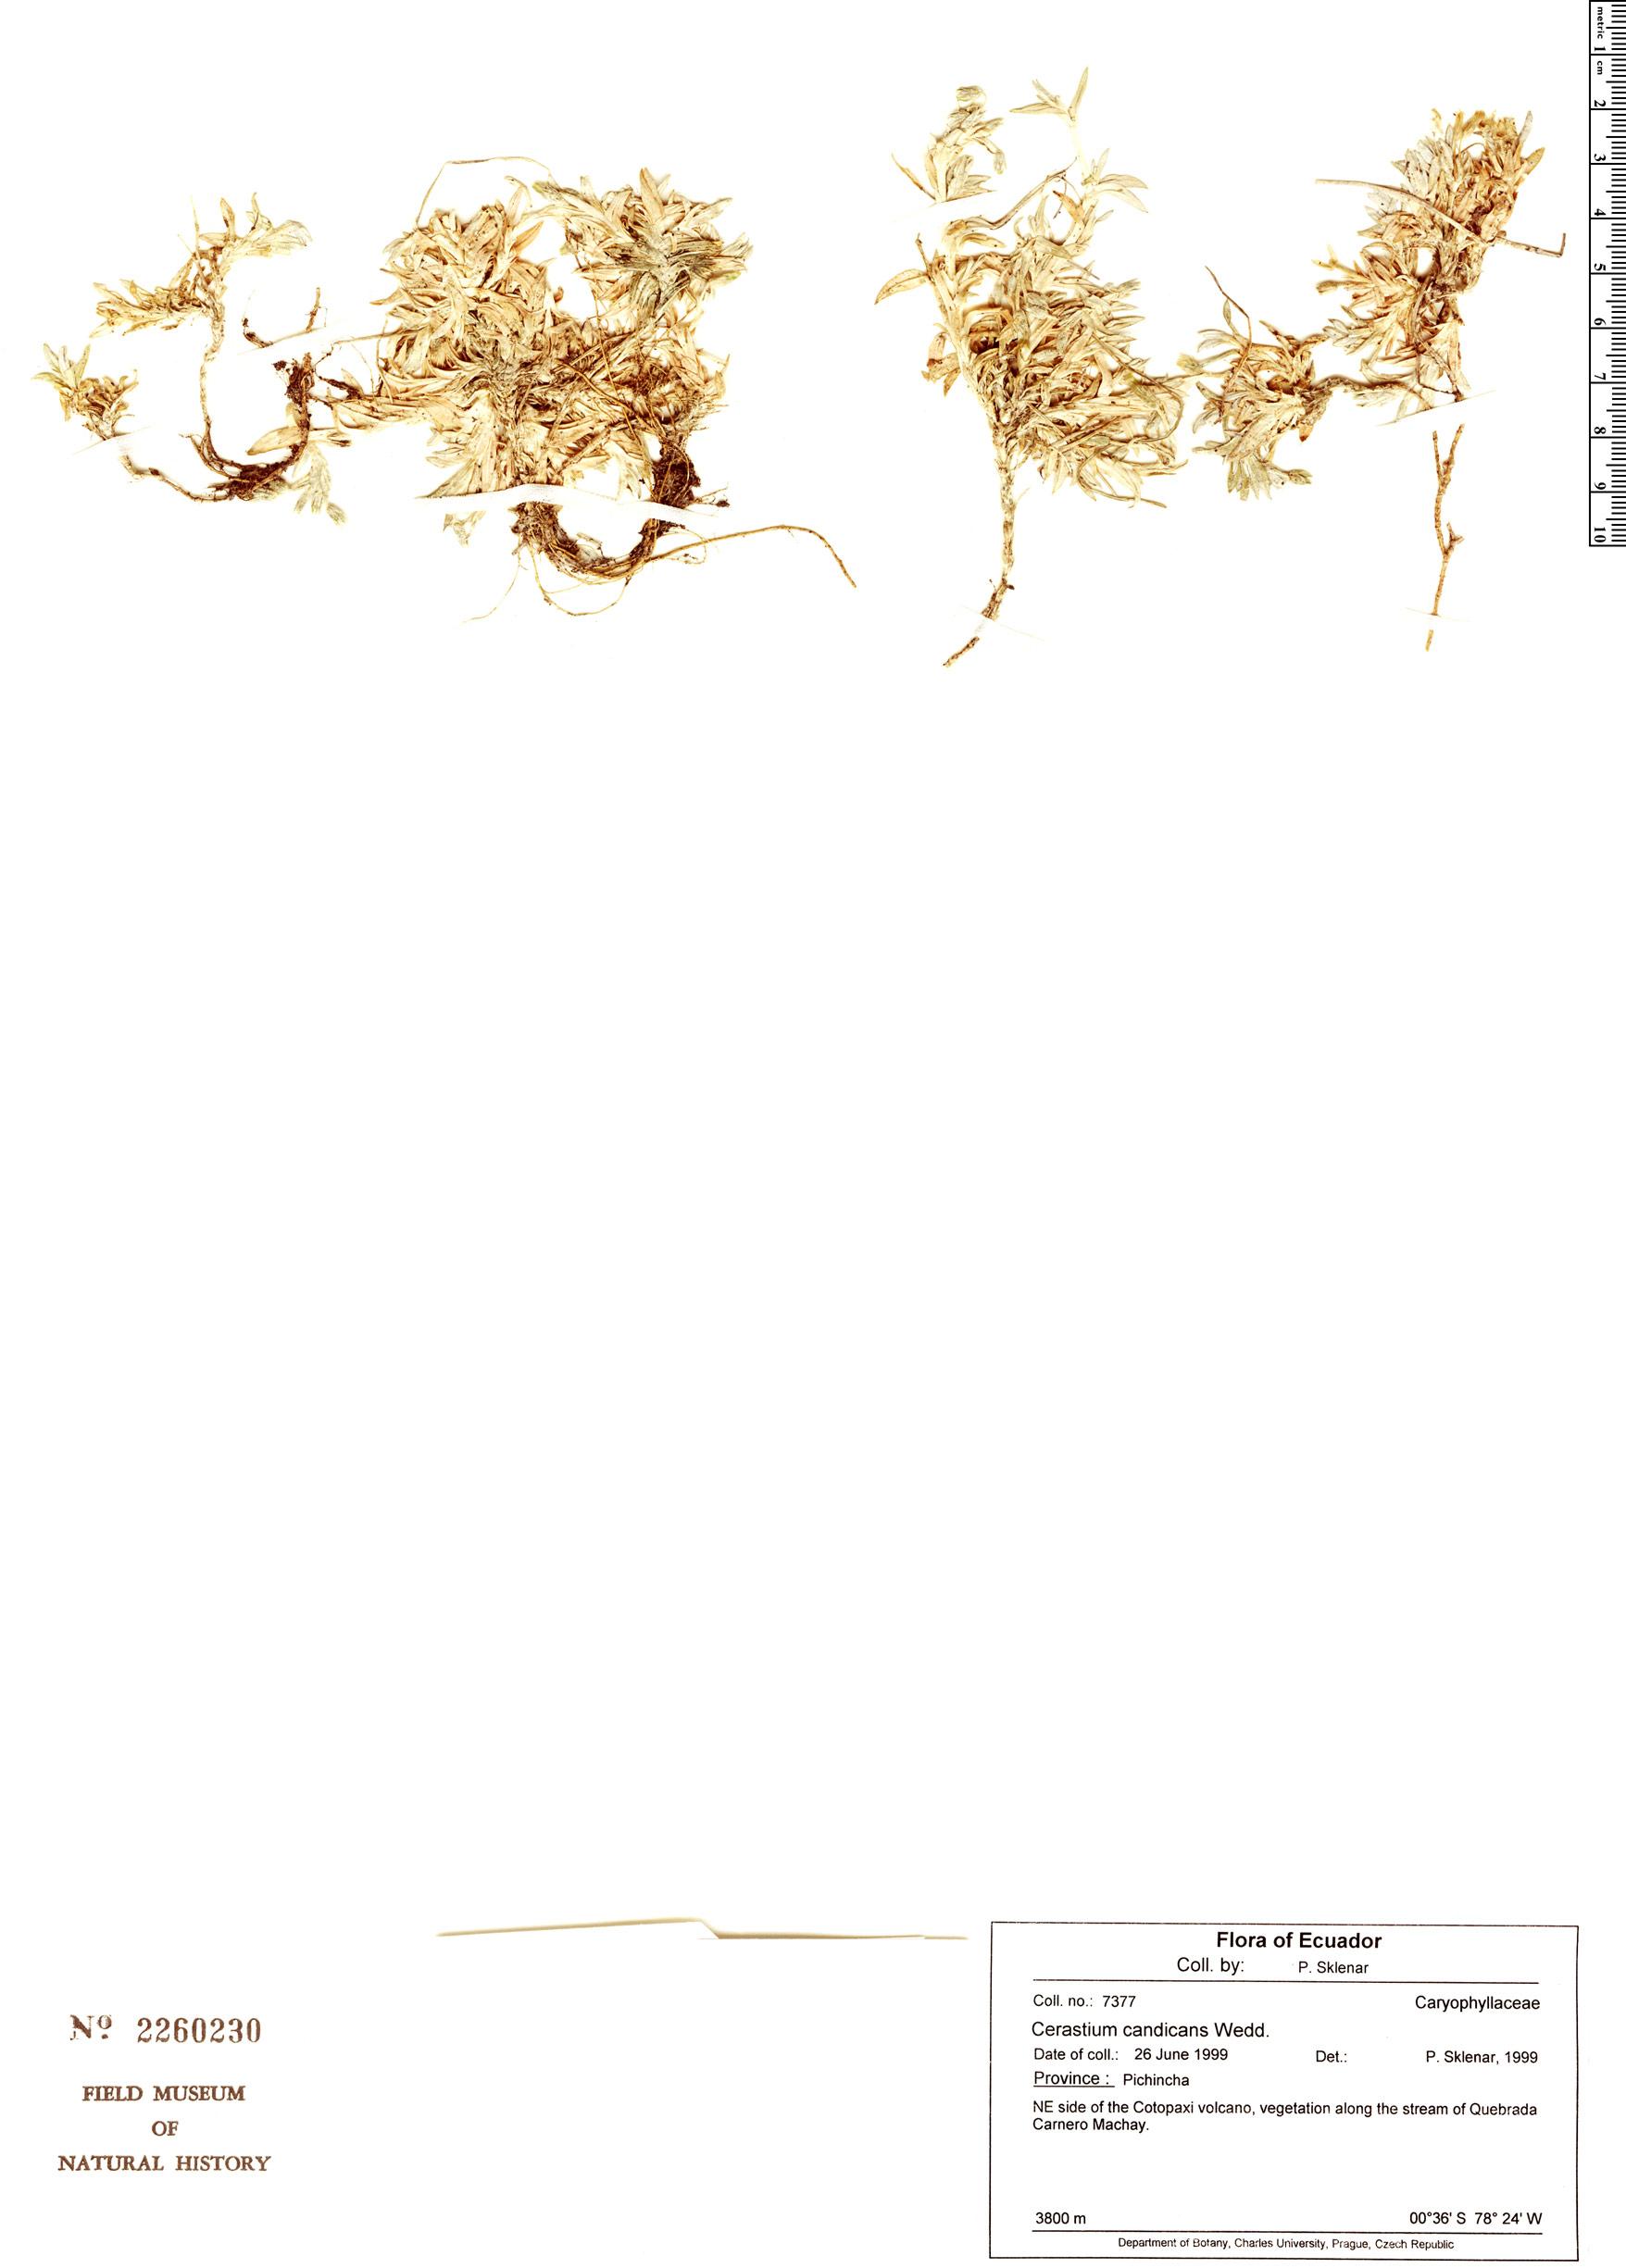 Specimen: Cerastium candicans